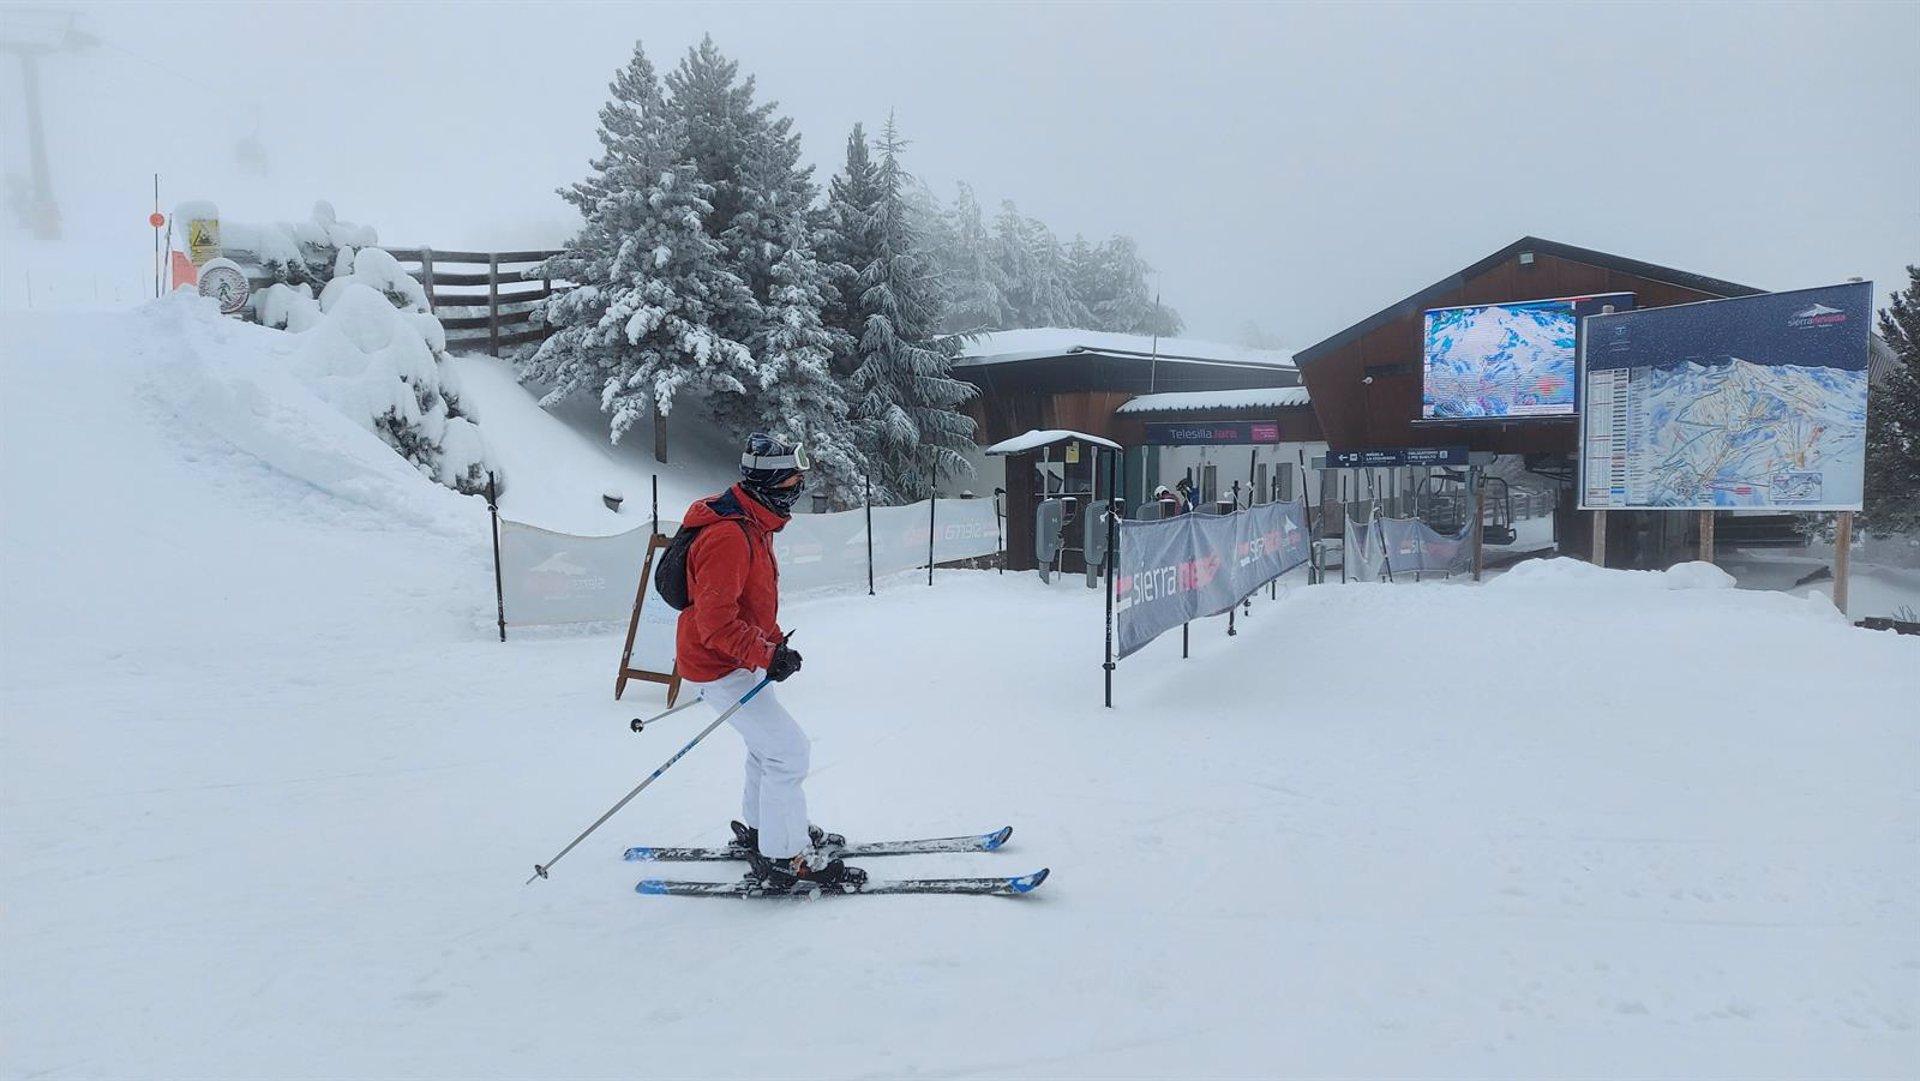 Sierra Nevada estrena el 2021 con cinco centímetros de nieve nueva y 2.000 esquiadores